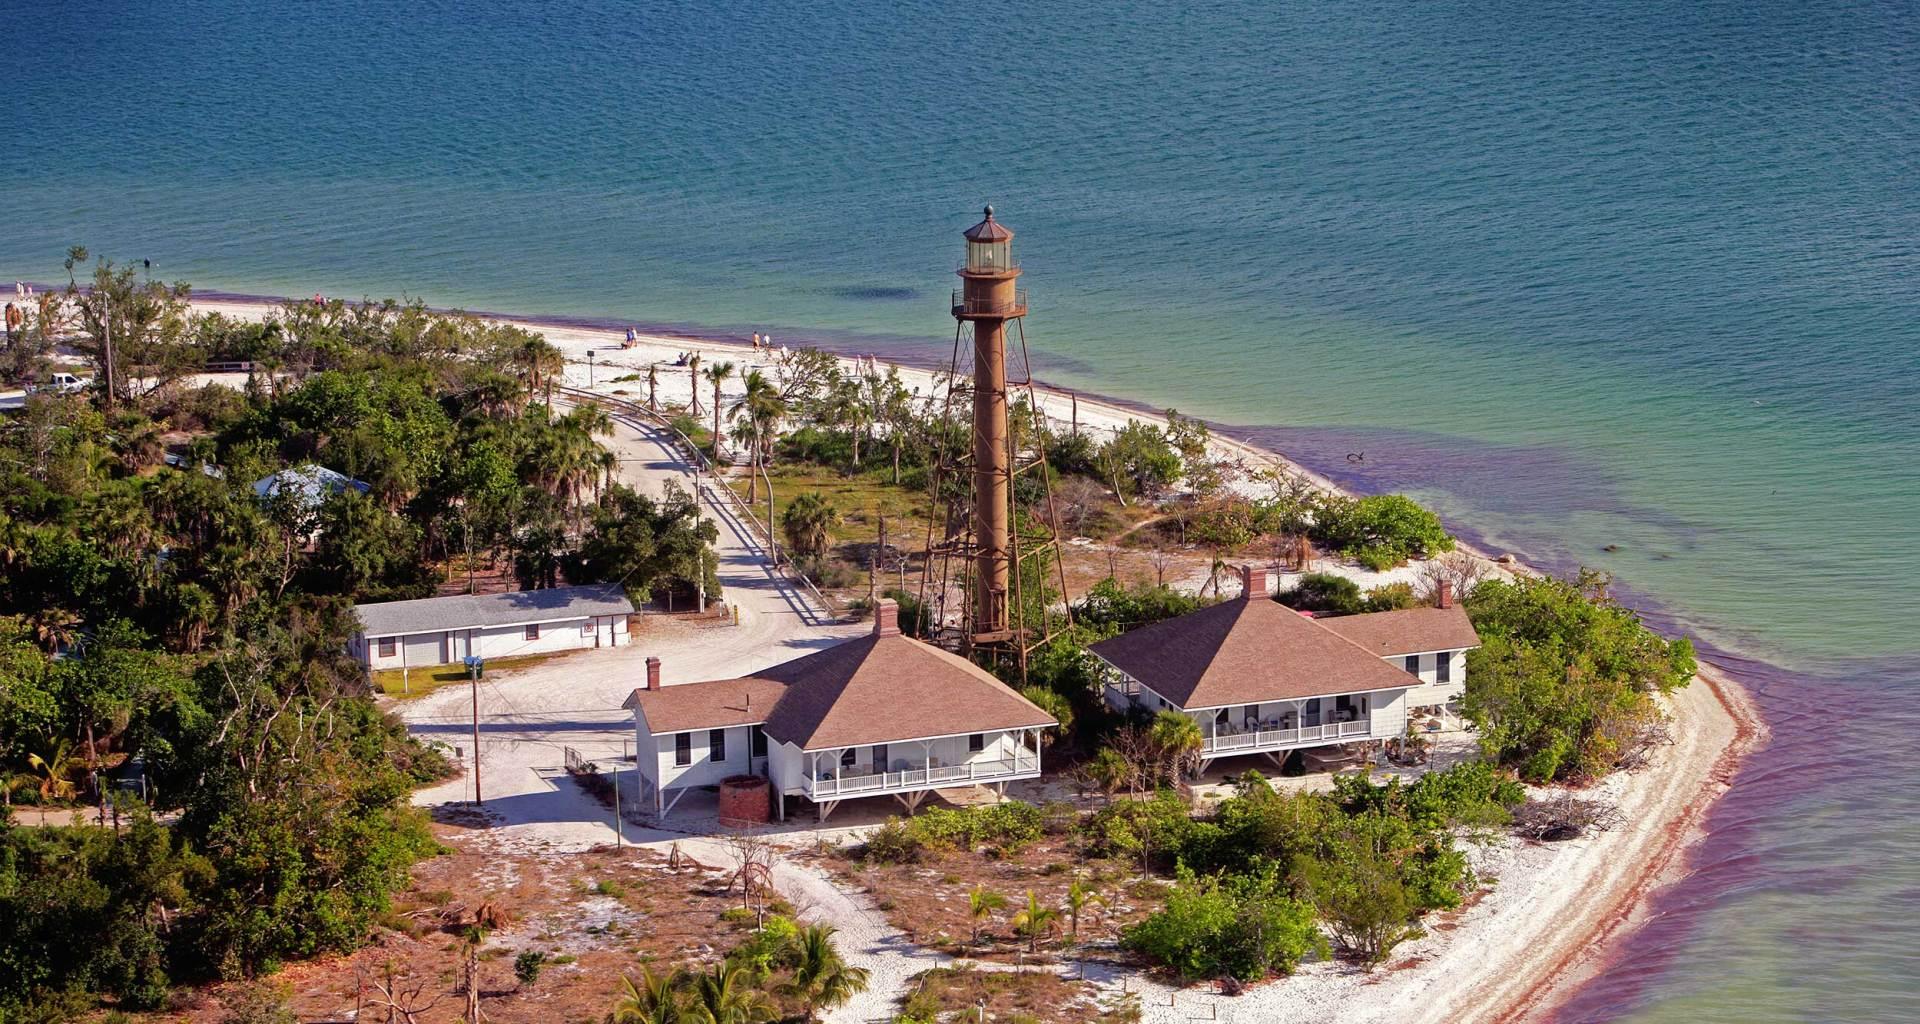 Lighthouse at edge of a beach.